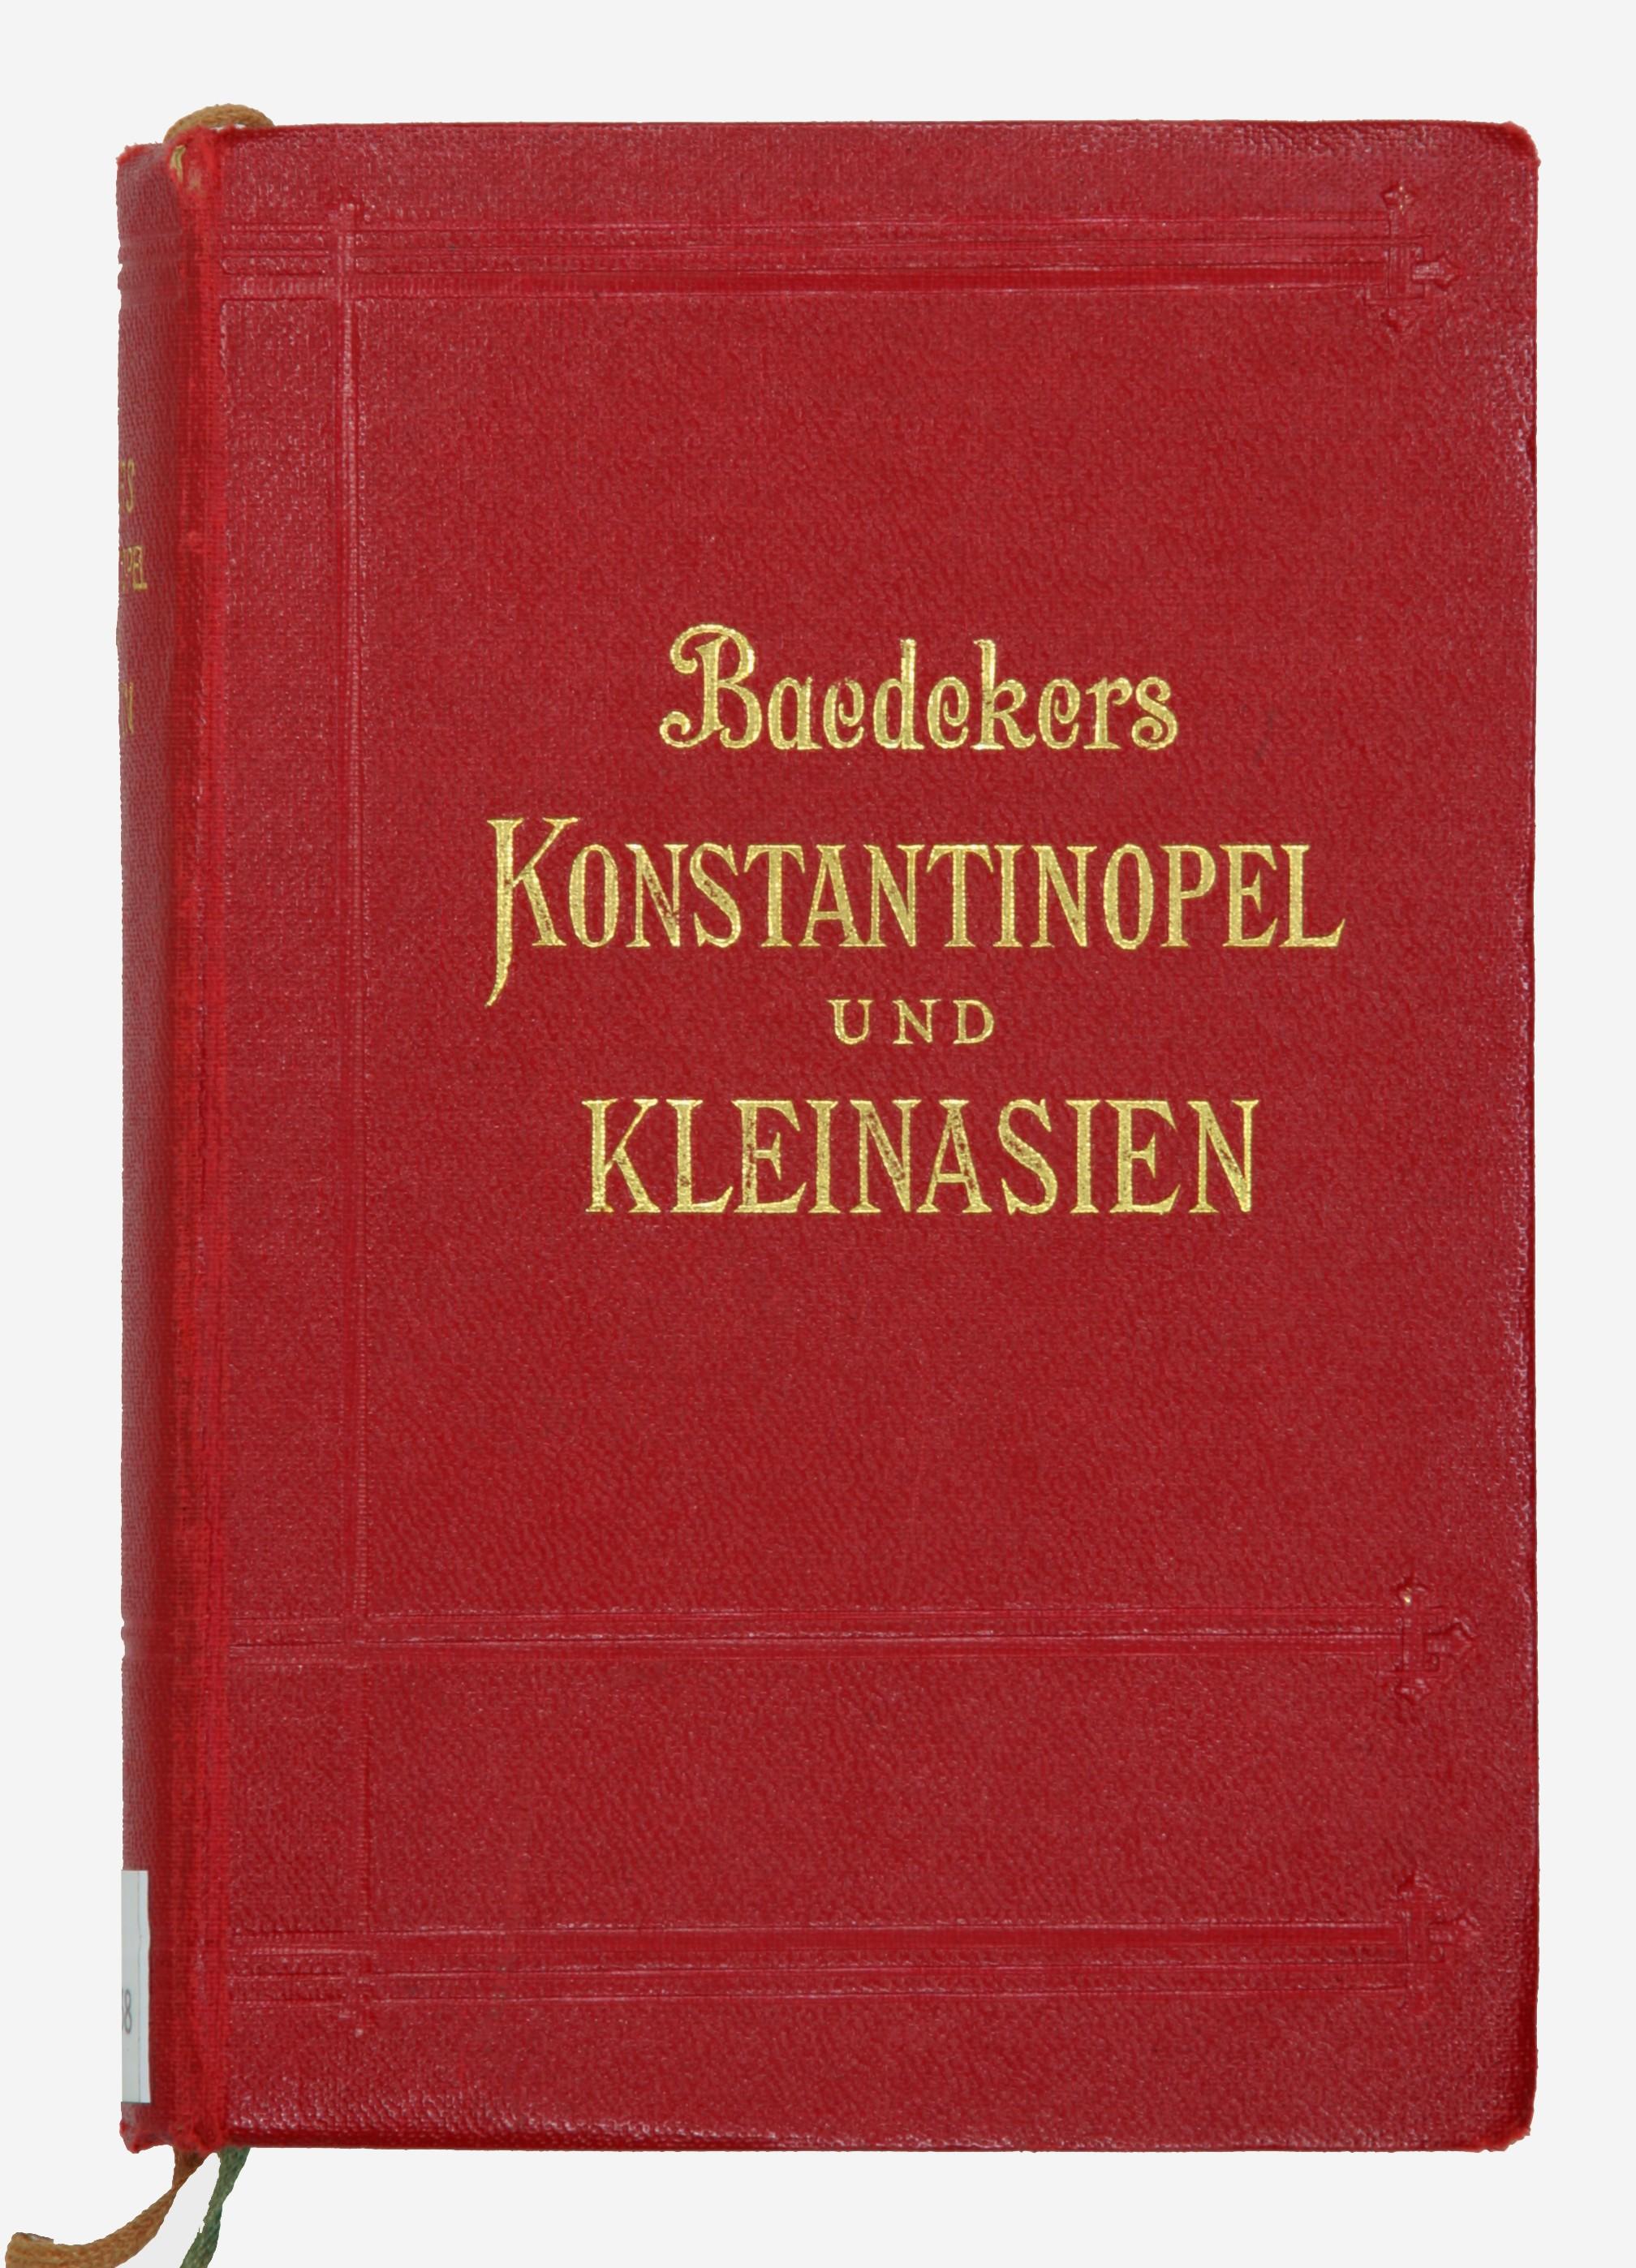 Konstantinopel und Kleinasien. Handbuch für Reisende von Karl Bædeker.